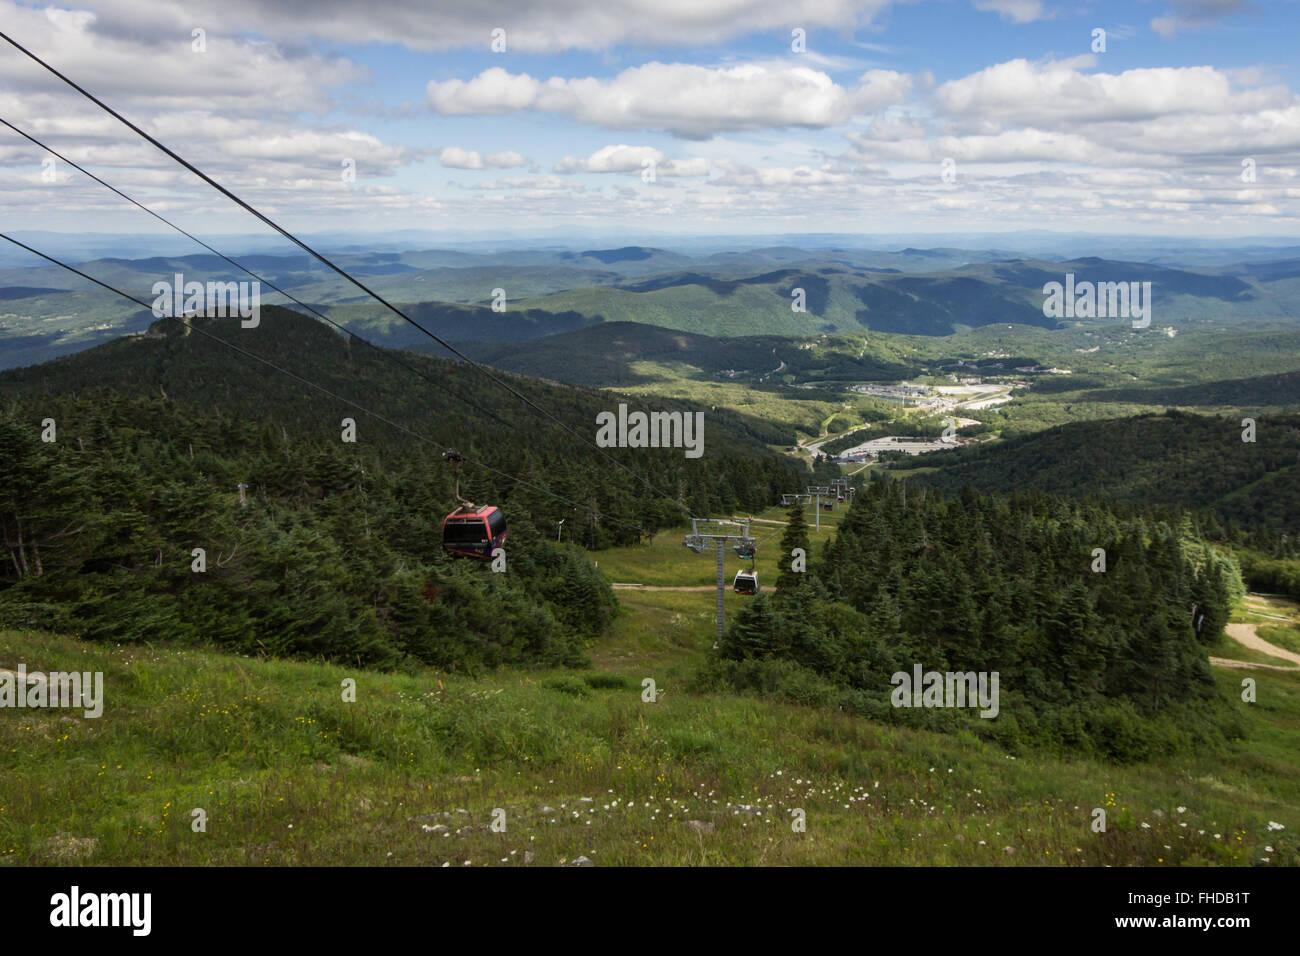 Ski Lift at Killington, Vermont - Stock Image